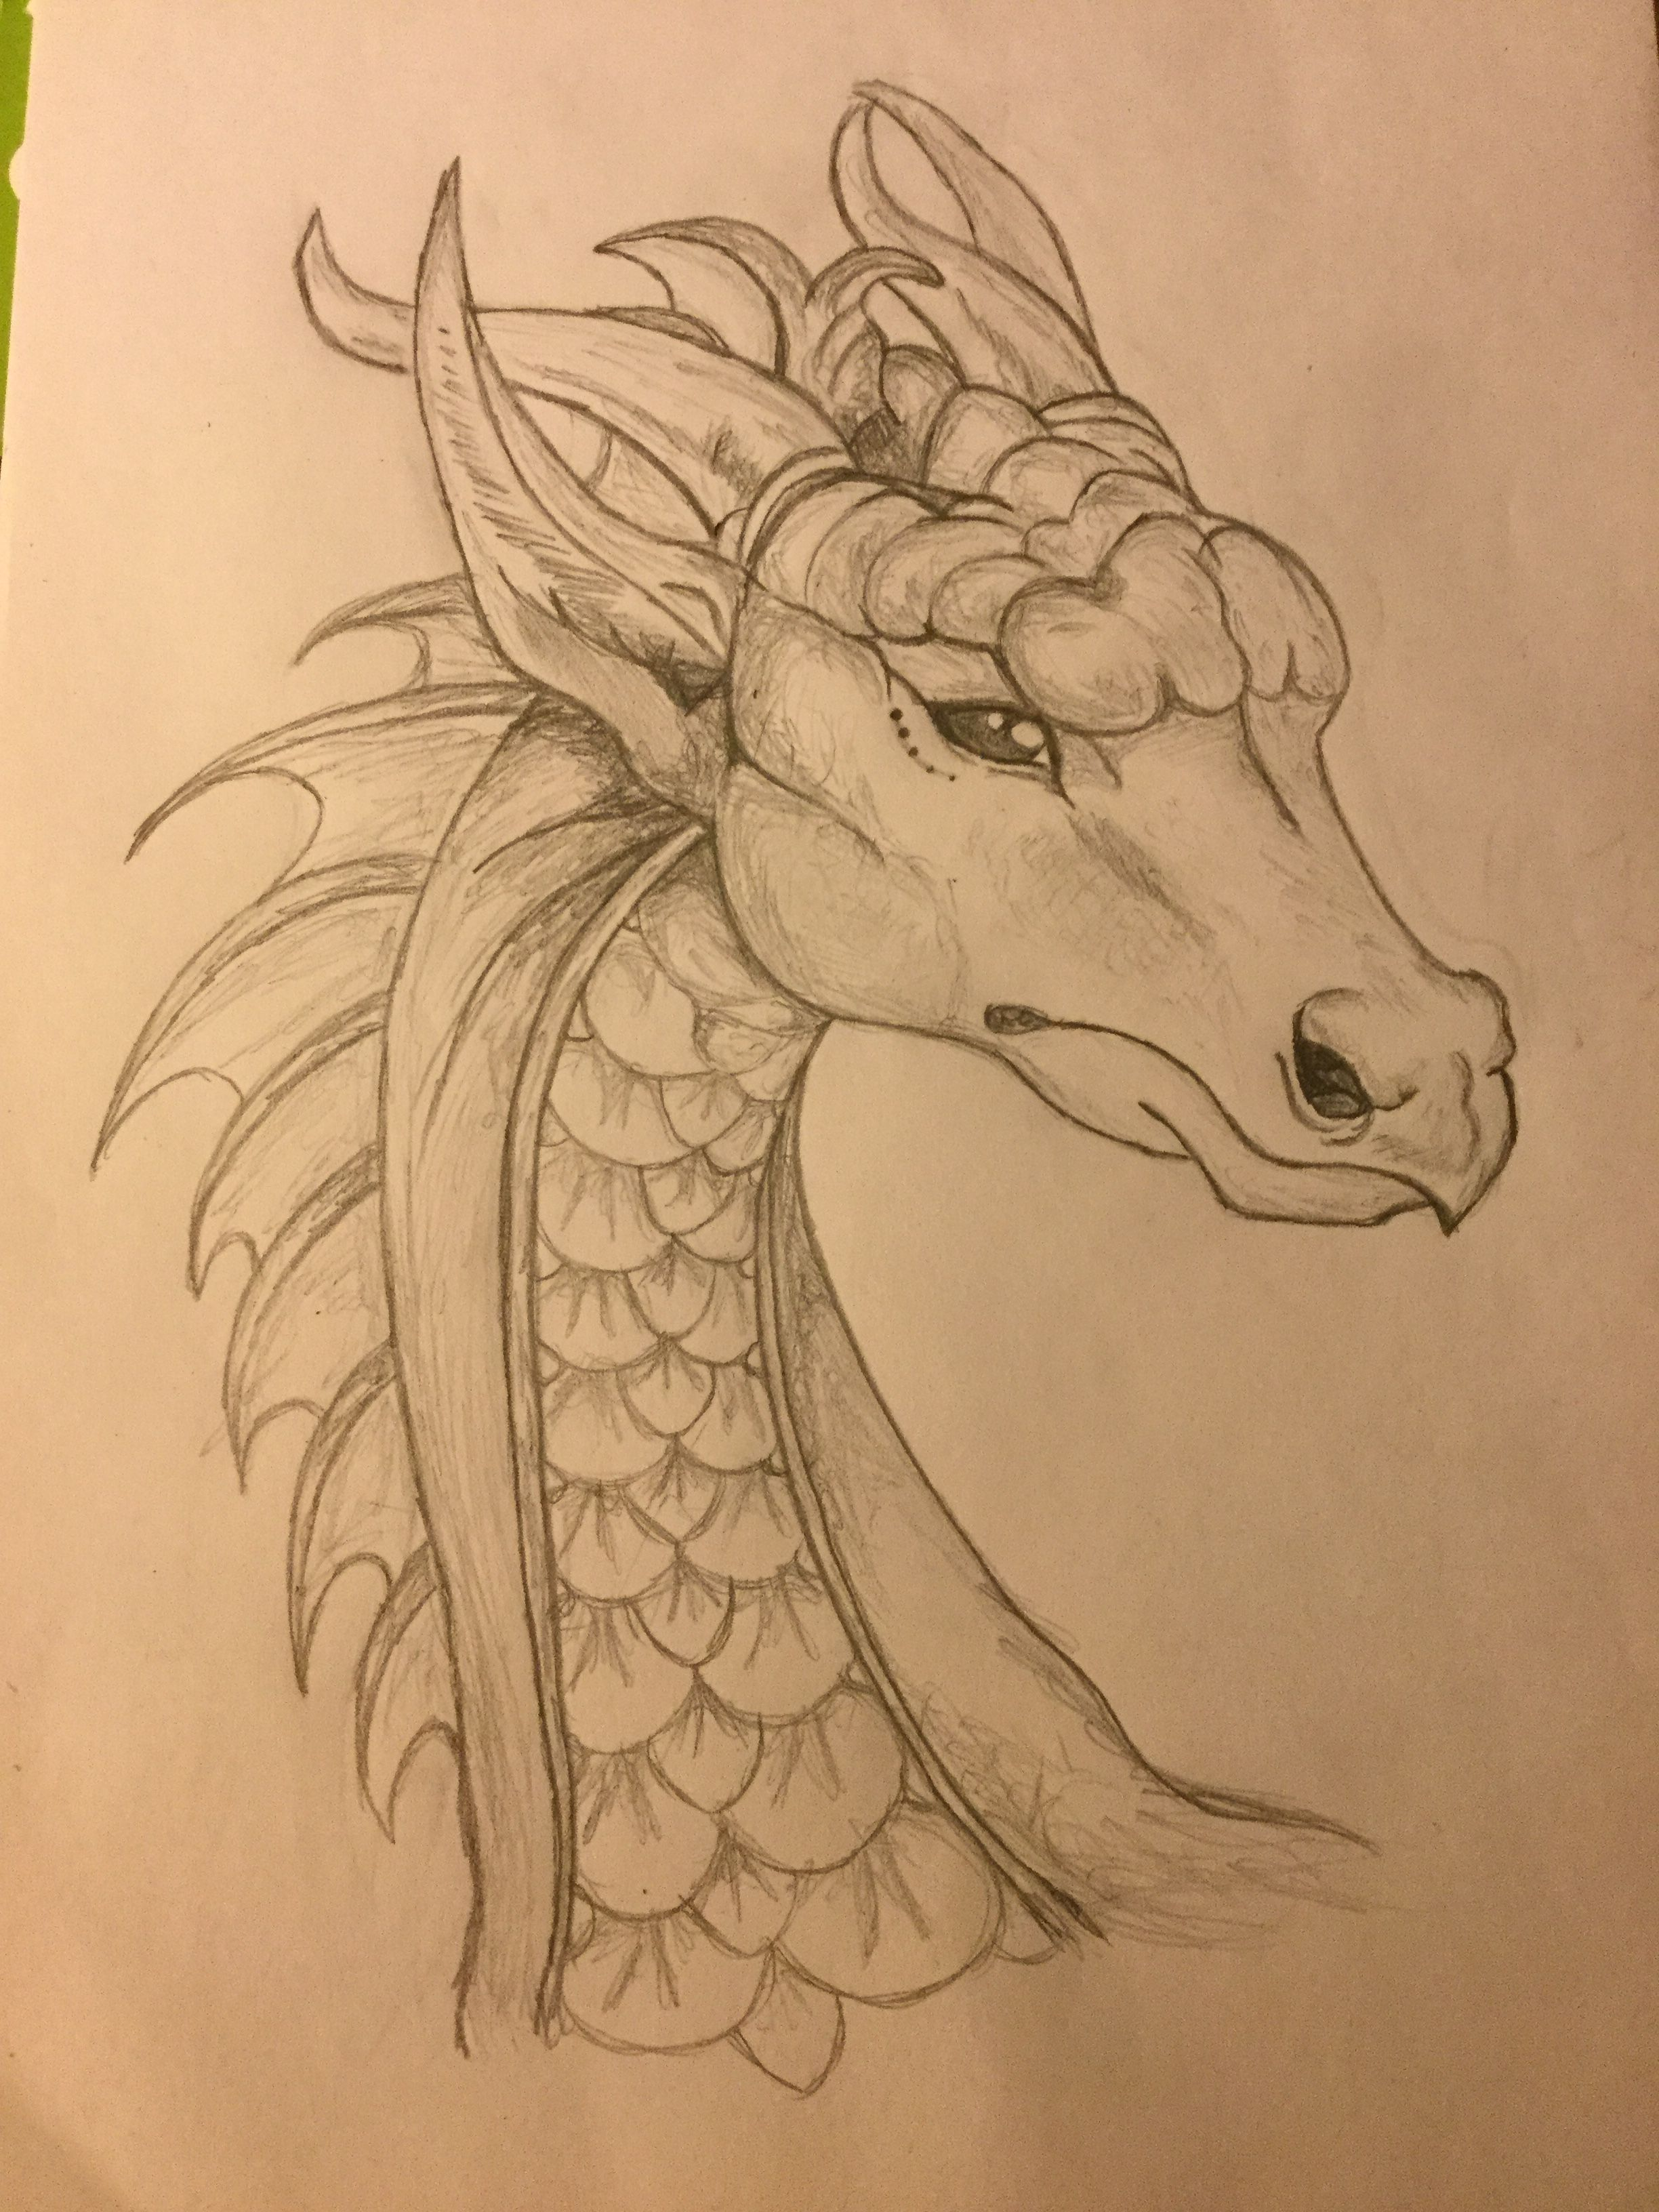 Decouvrez Le Premier Site Francophone Sur Le Theme Du Dragon Toutes Les Ressources A Connaitre Sur Dessin Kawaii Animaux Dessin De Dragon Dessin œil De Dragon